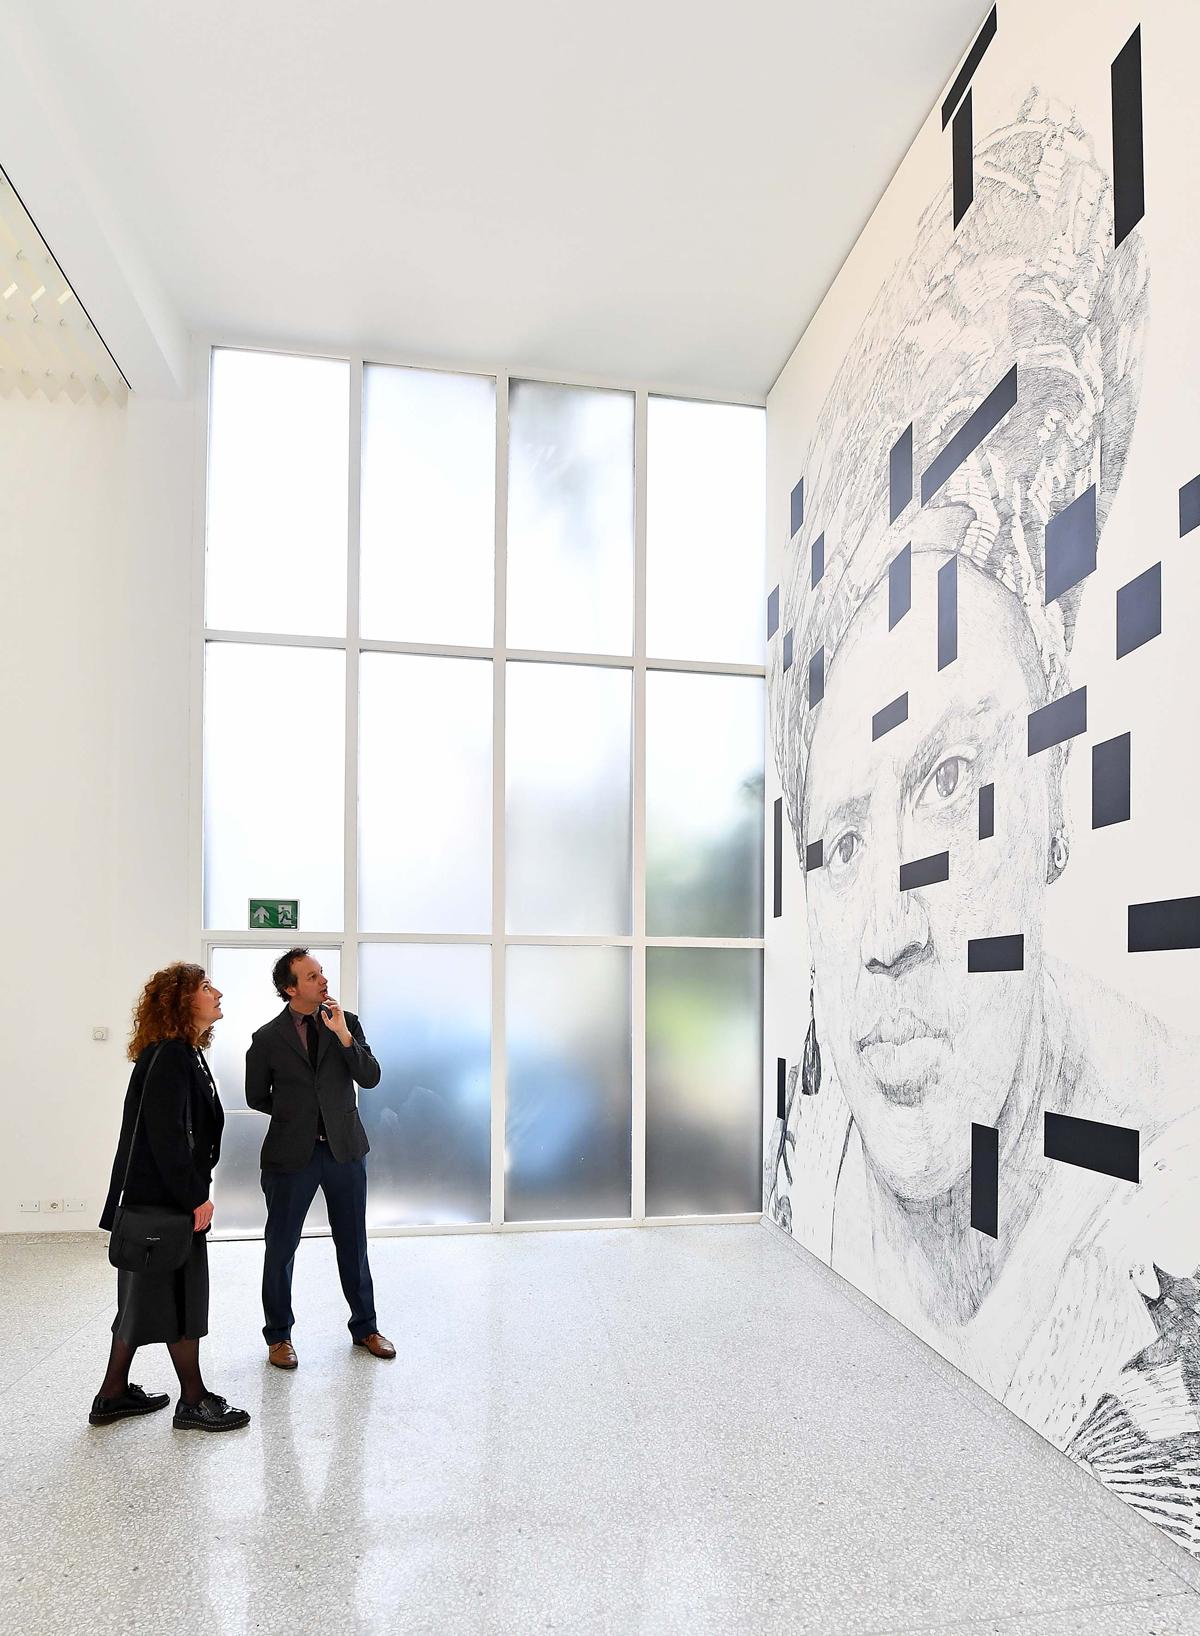 Biënnale van Venetië: Iris Kensmil en Remy Jungerman